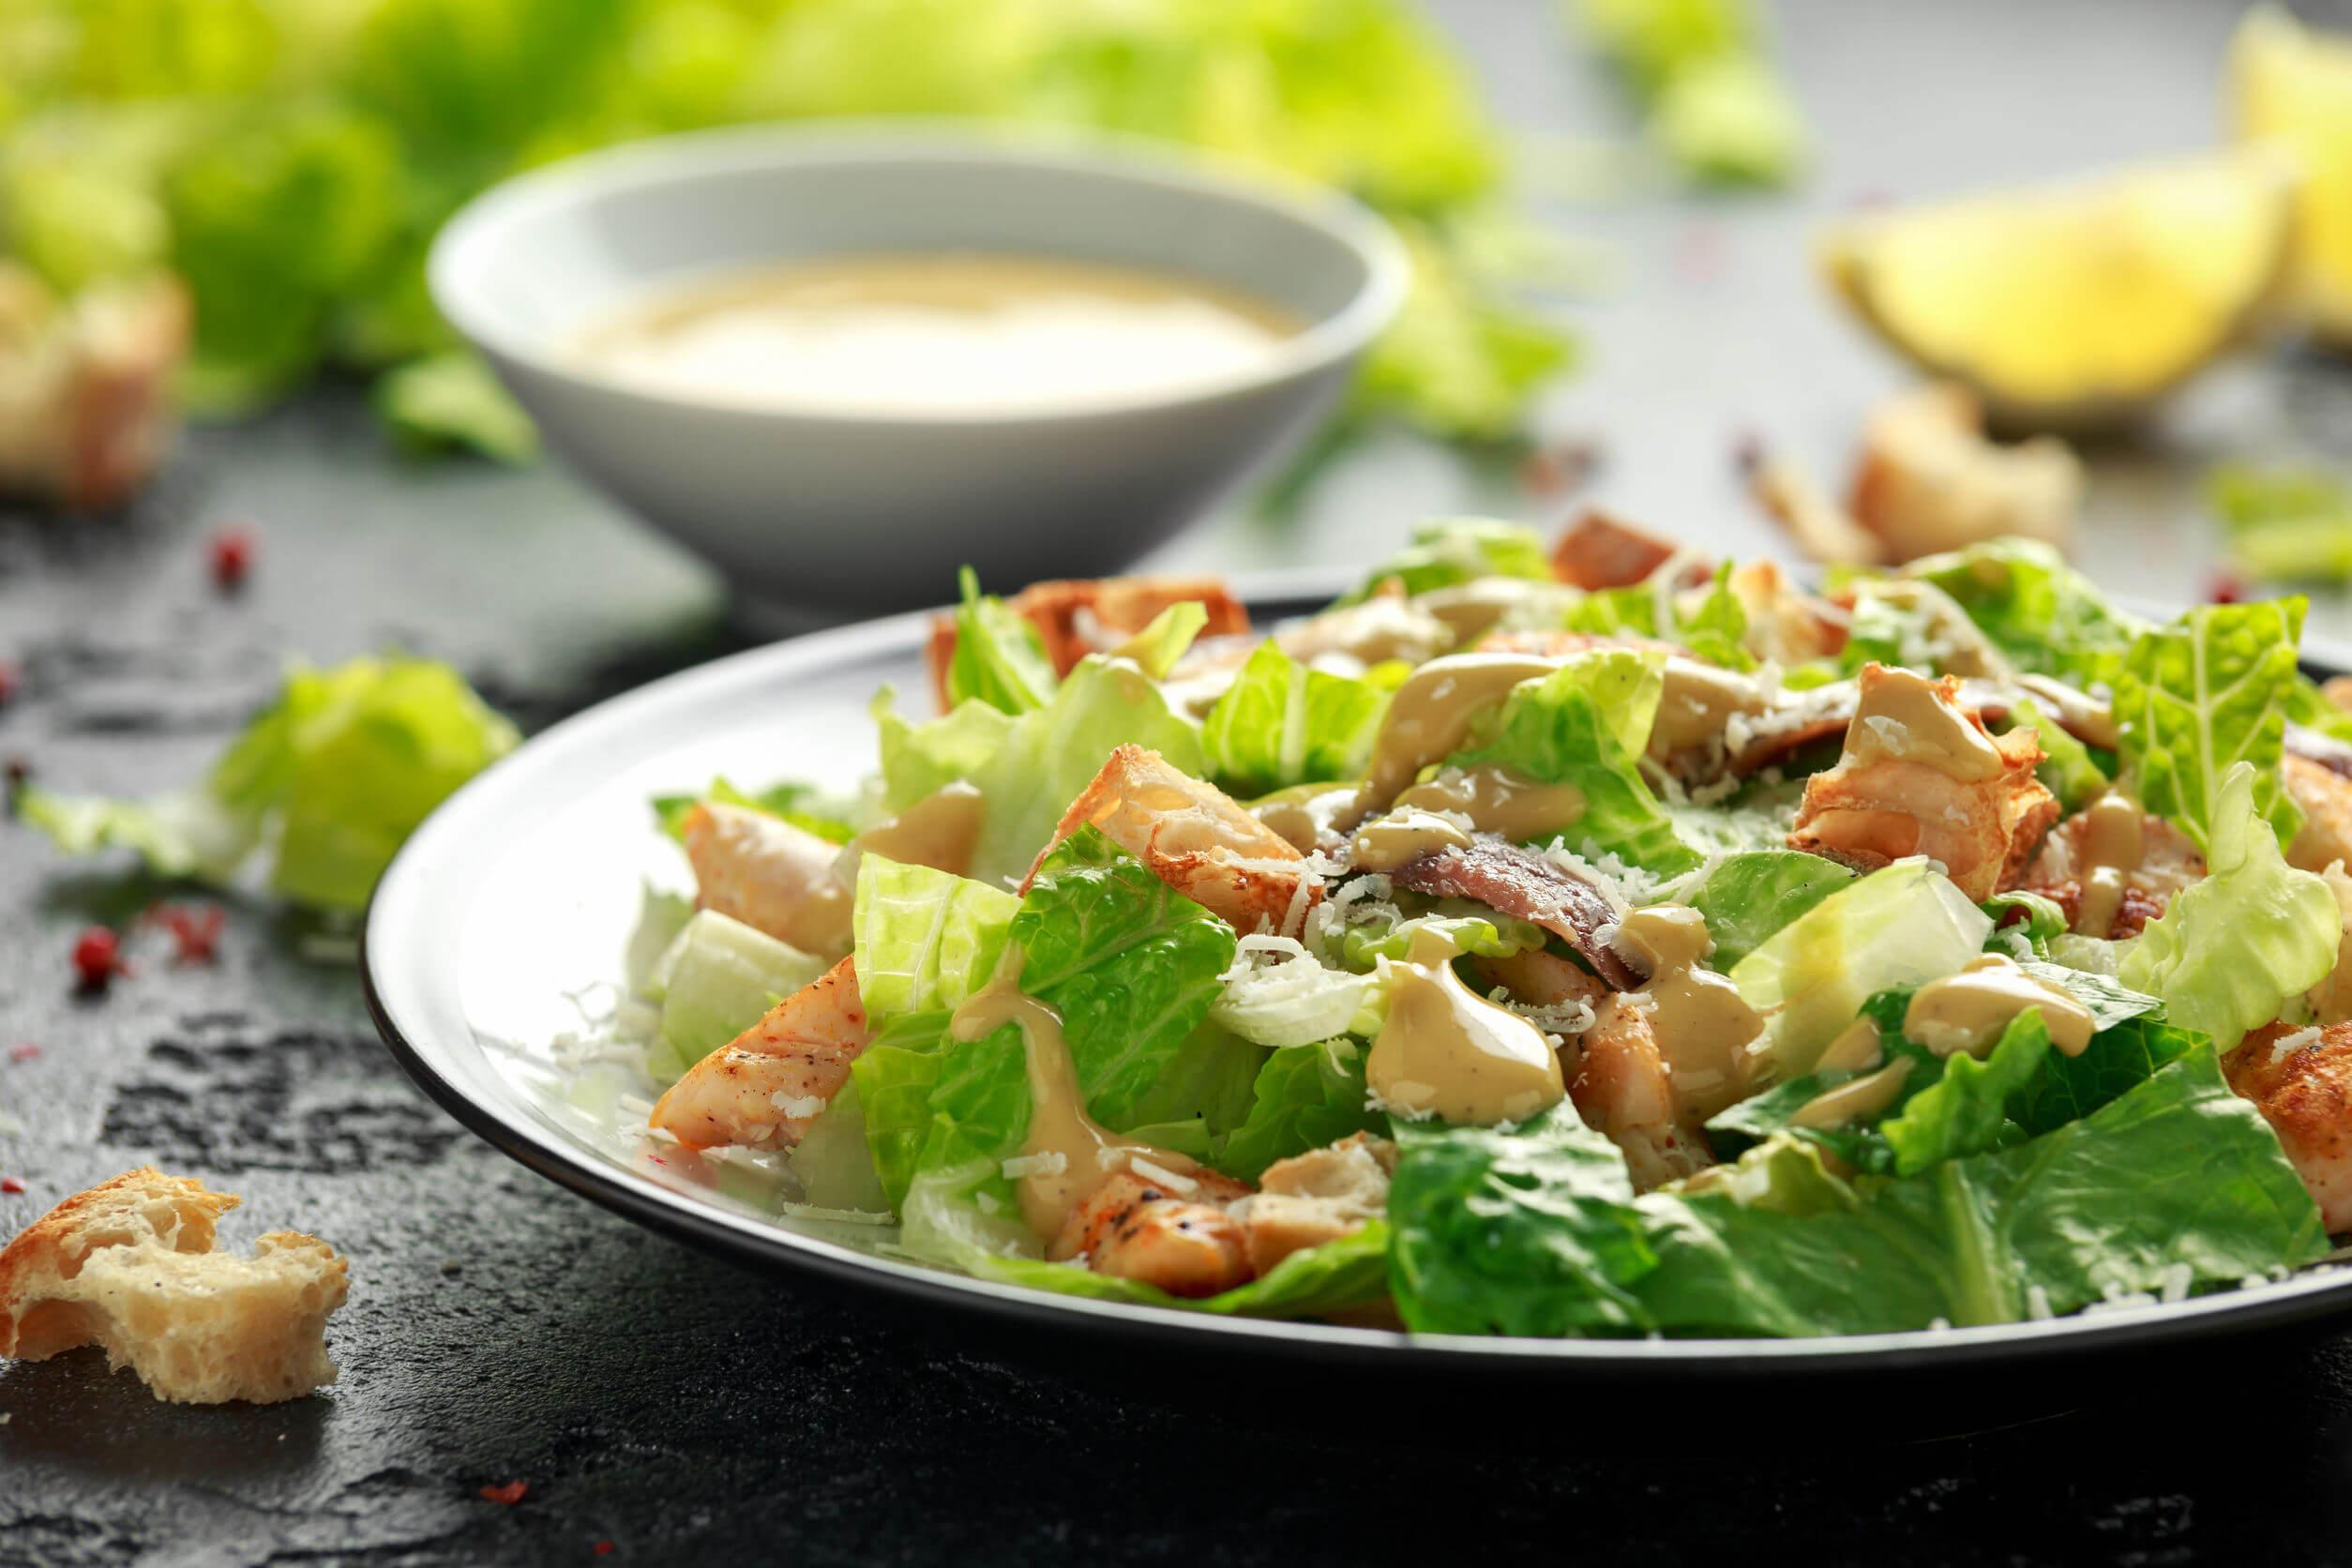 La ensalada puede ser consumida cuando hay intolerancia a la lactosa.